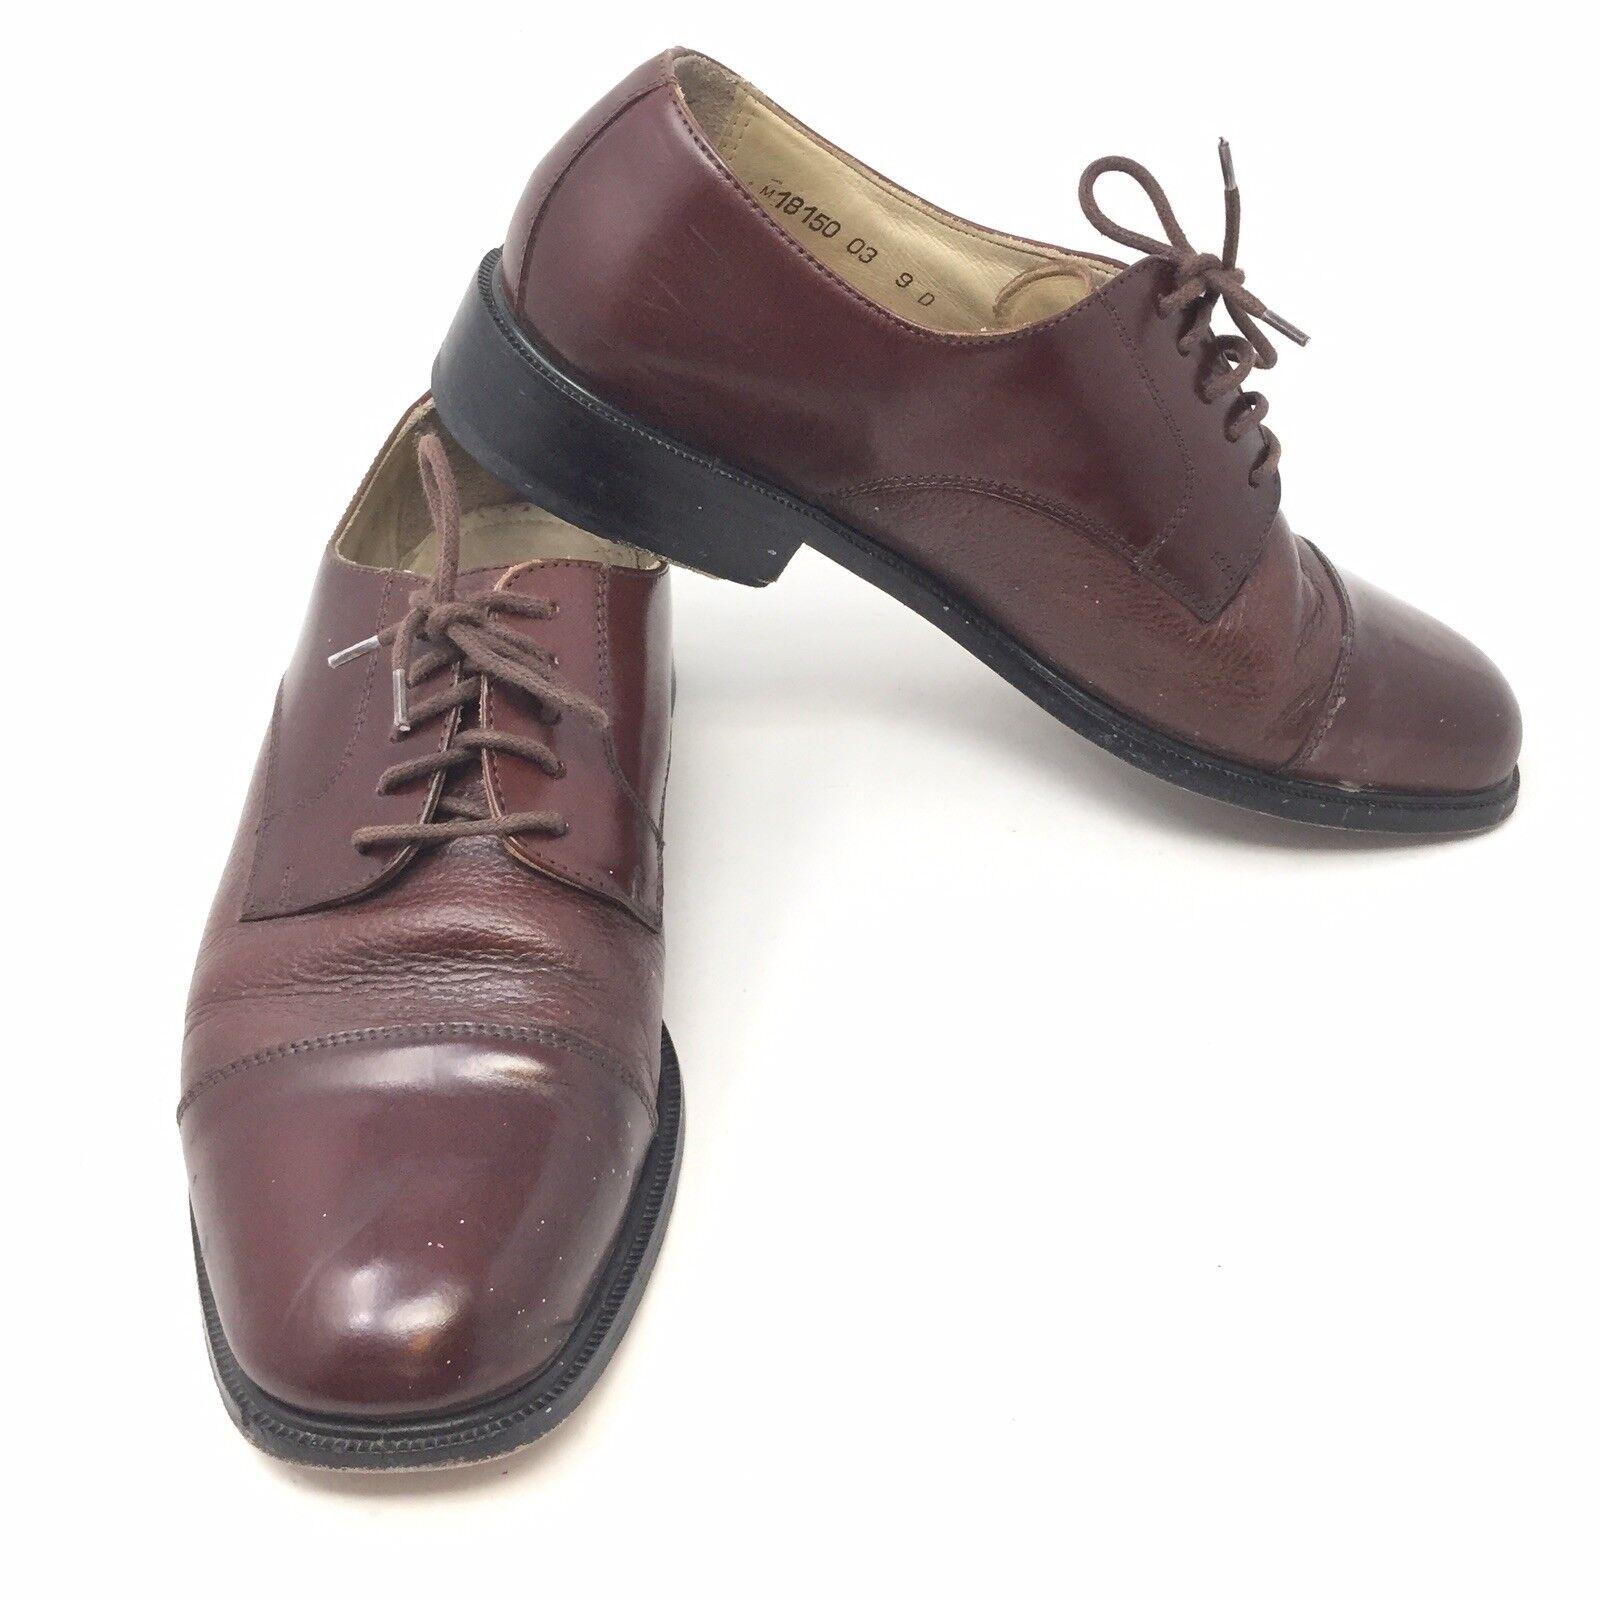 Florsheim Cap Toe Oxfords Brown Leather Mens Dress Lace Up shoes Sz 9 D 1E